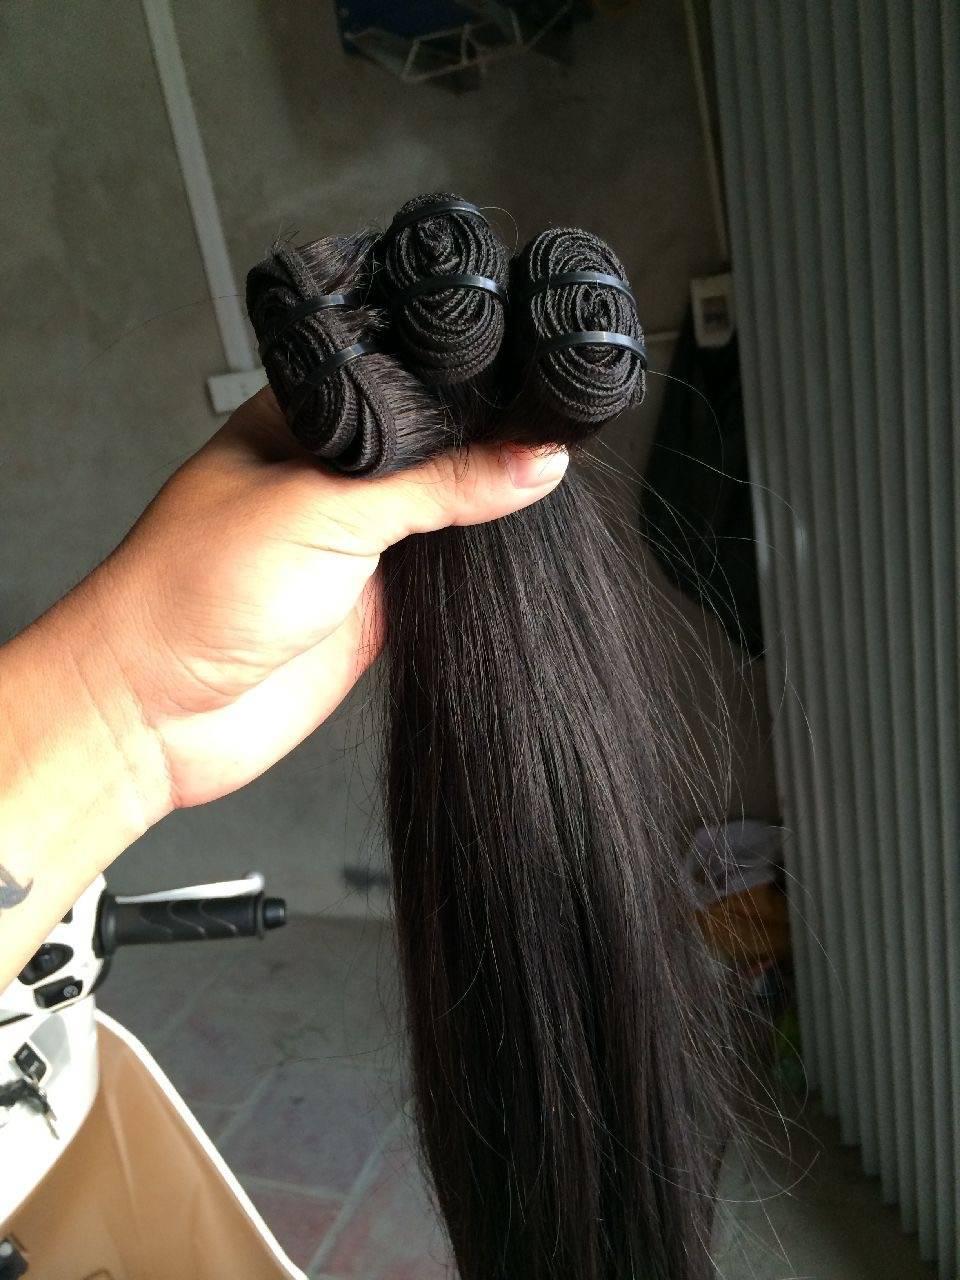 AAAAAA Original straight Vietnamese weft hair from Vietnam